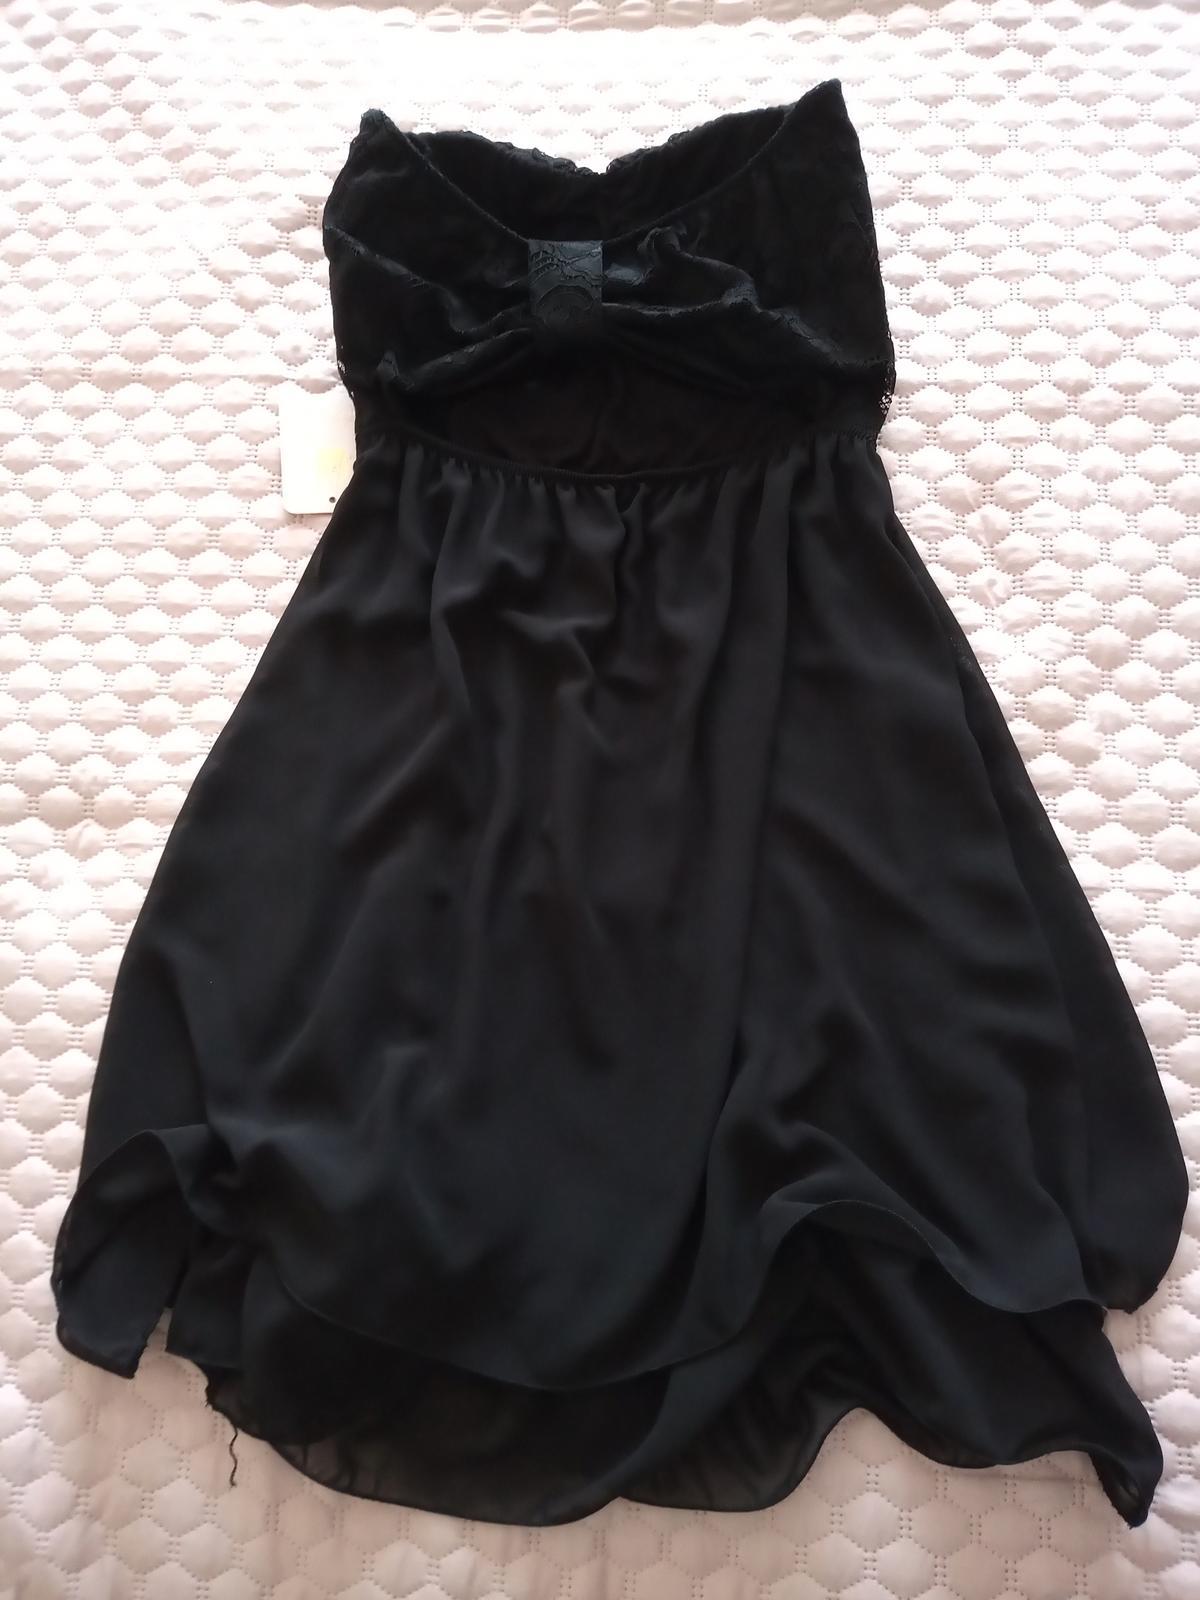 Čierne šaty nové veľ. S - Obrázok č. 4